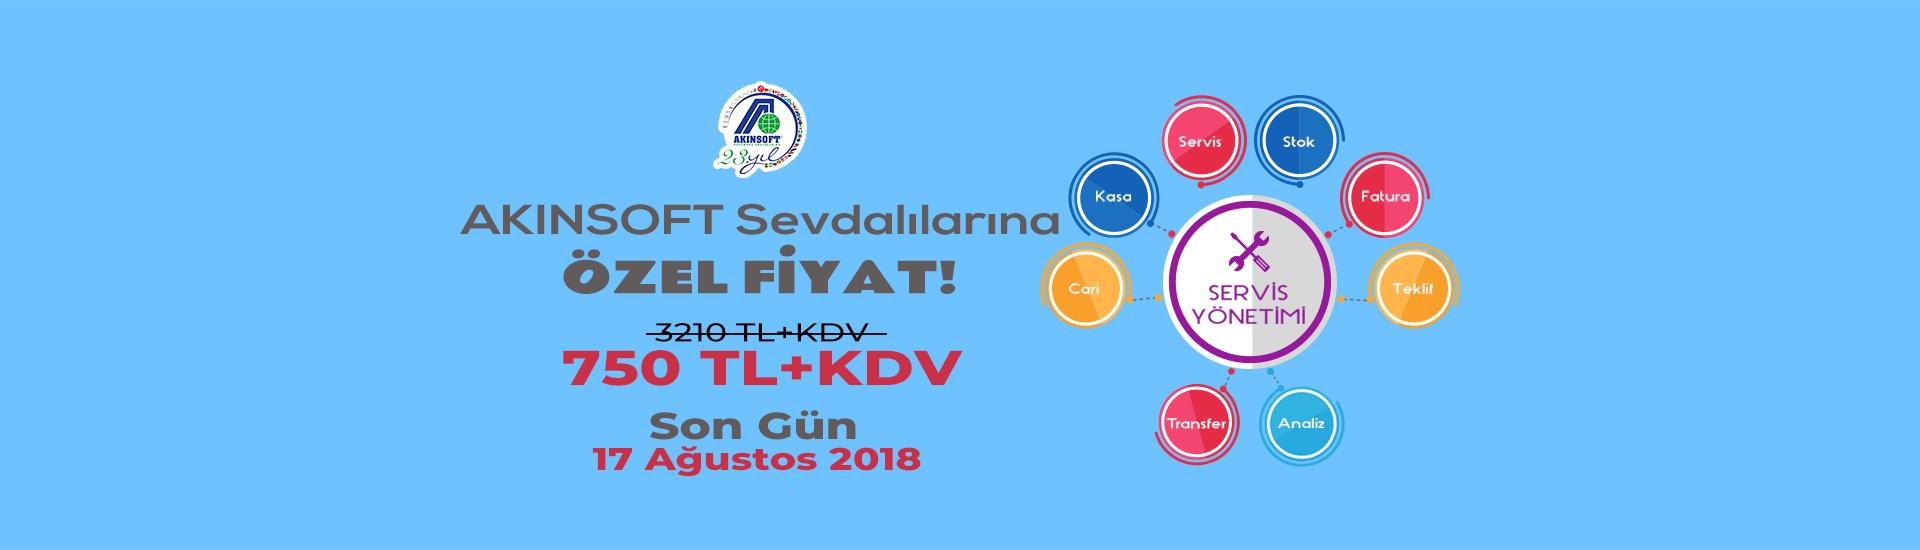 Akınsoft Sevdalılarına Özel Servis Yönetim 750 TL + KDV